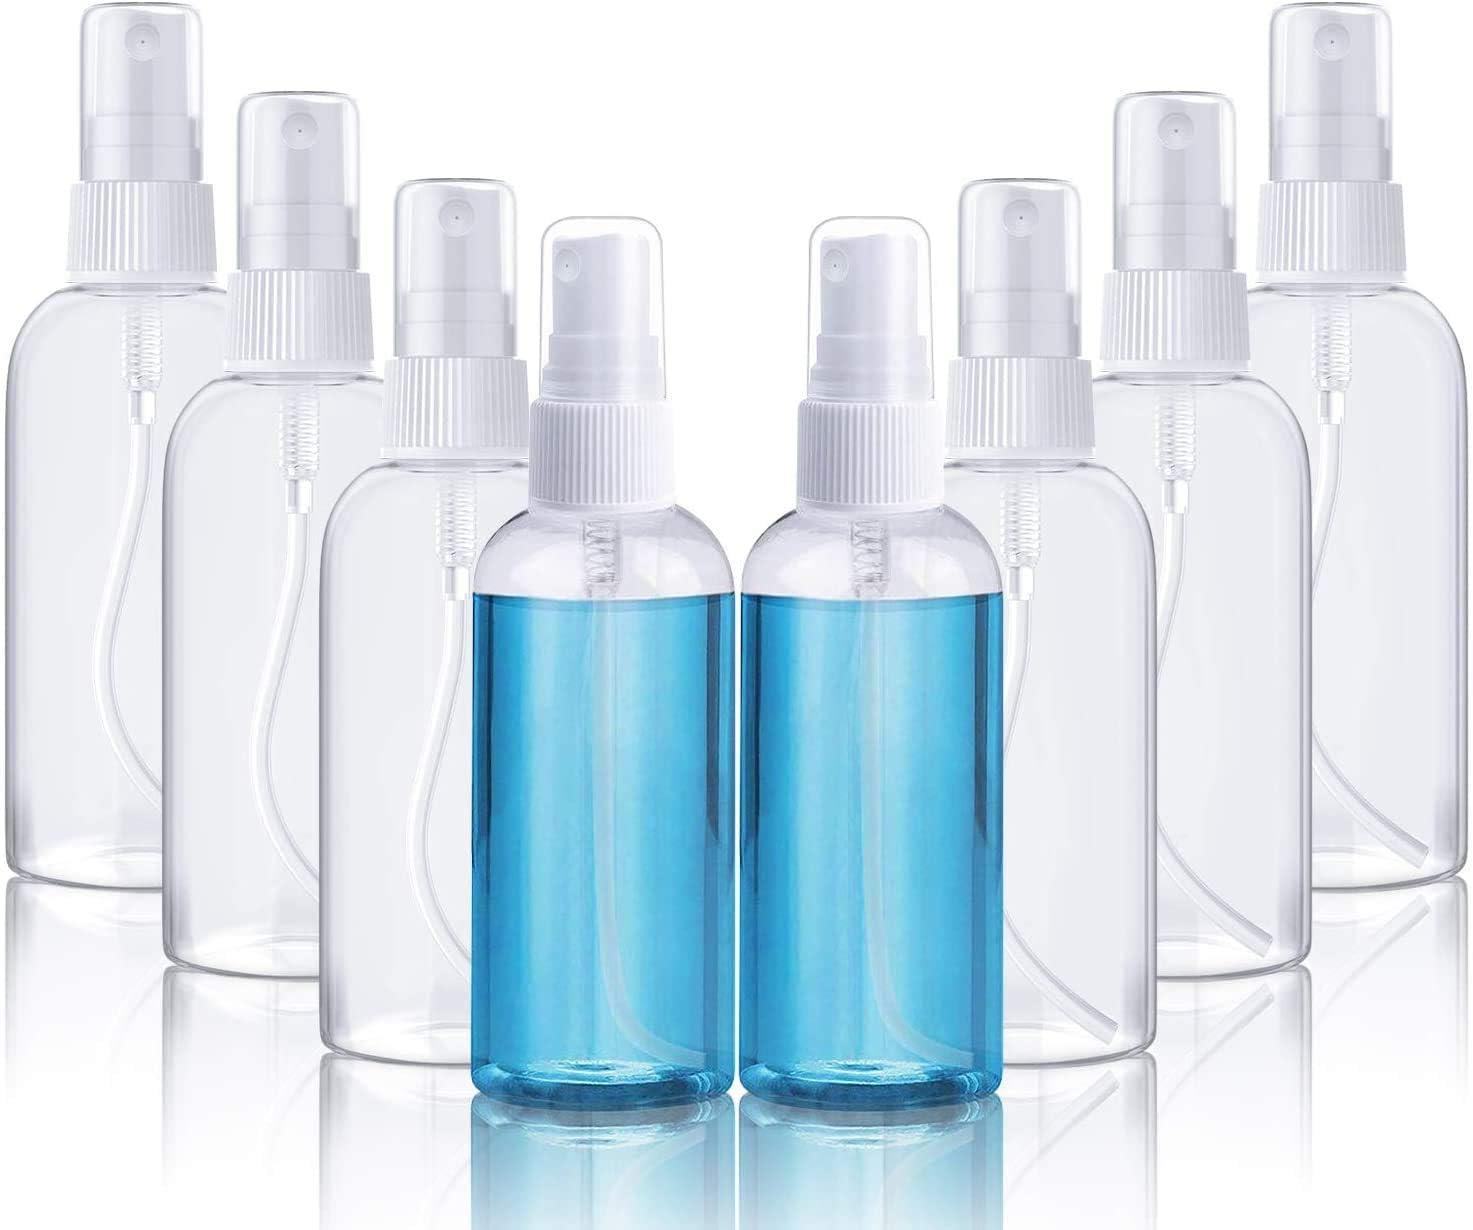 8 * 100ml Fenvella Botes Viaje Transparente Plástico Botella Vacía de Spray, Bote Spray Pulverizador para Vacaciones, Viajes de Negocios, Maquillaje, Limpieza, 8 Piezas (100ML)